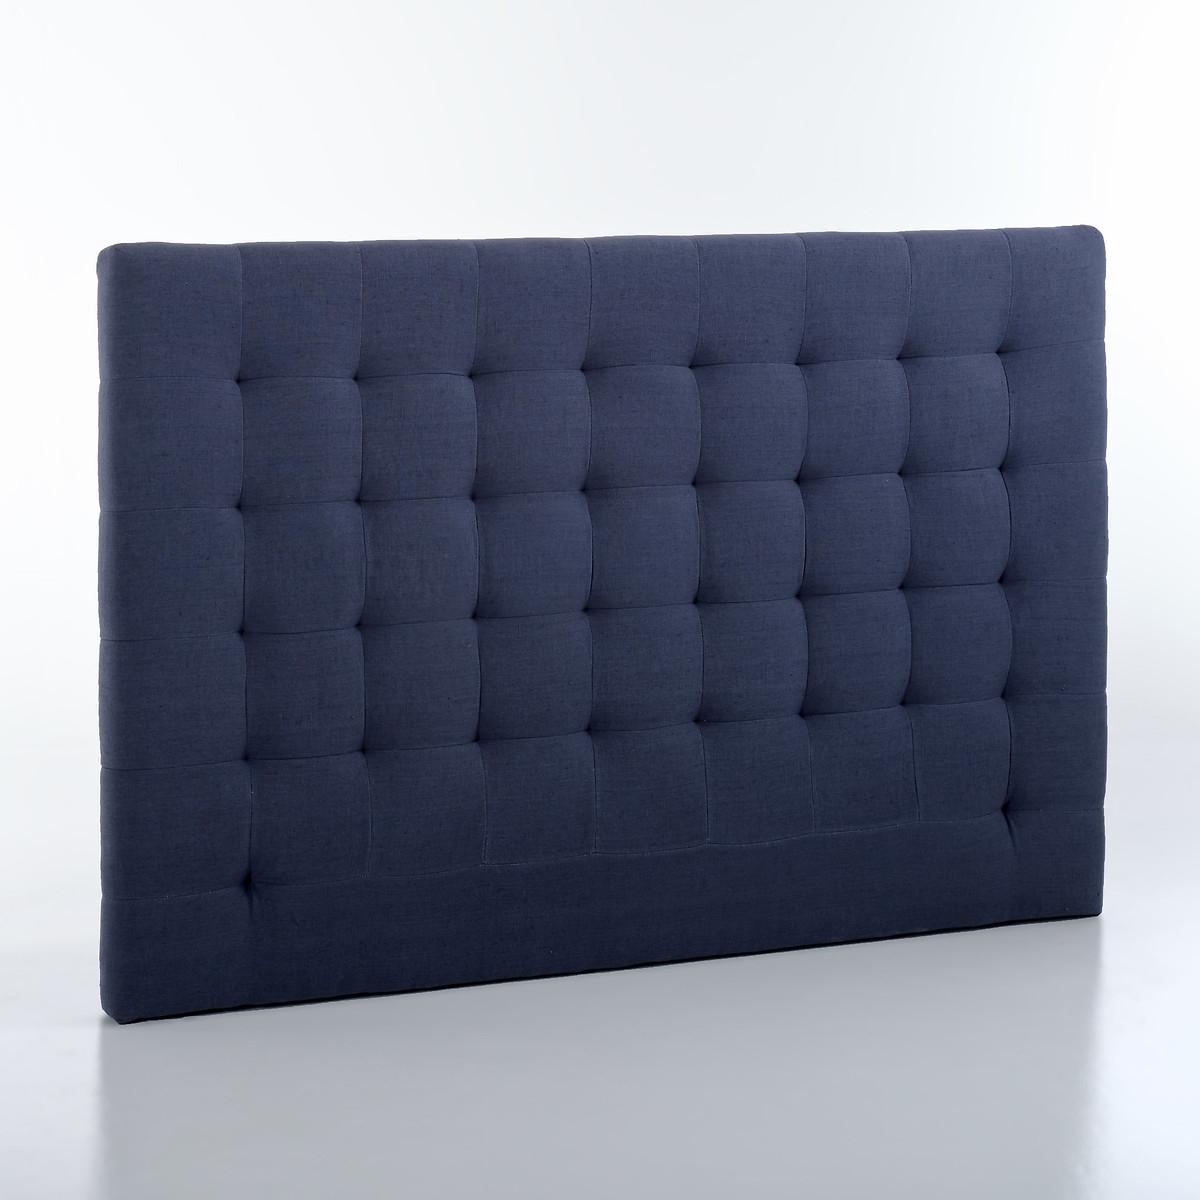 Изголовье LaRedoute Кровати с обивкой из осветленного льна В120 см SELVE 180 см синий чехол laredoute для кровати 100 льна 160 x 200 см белый